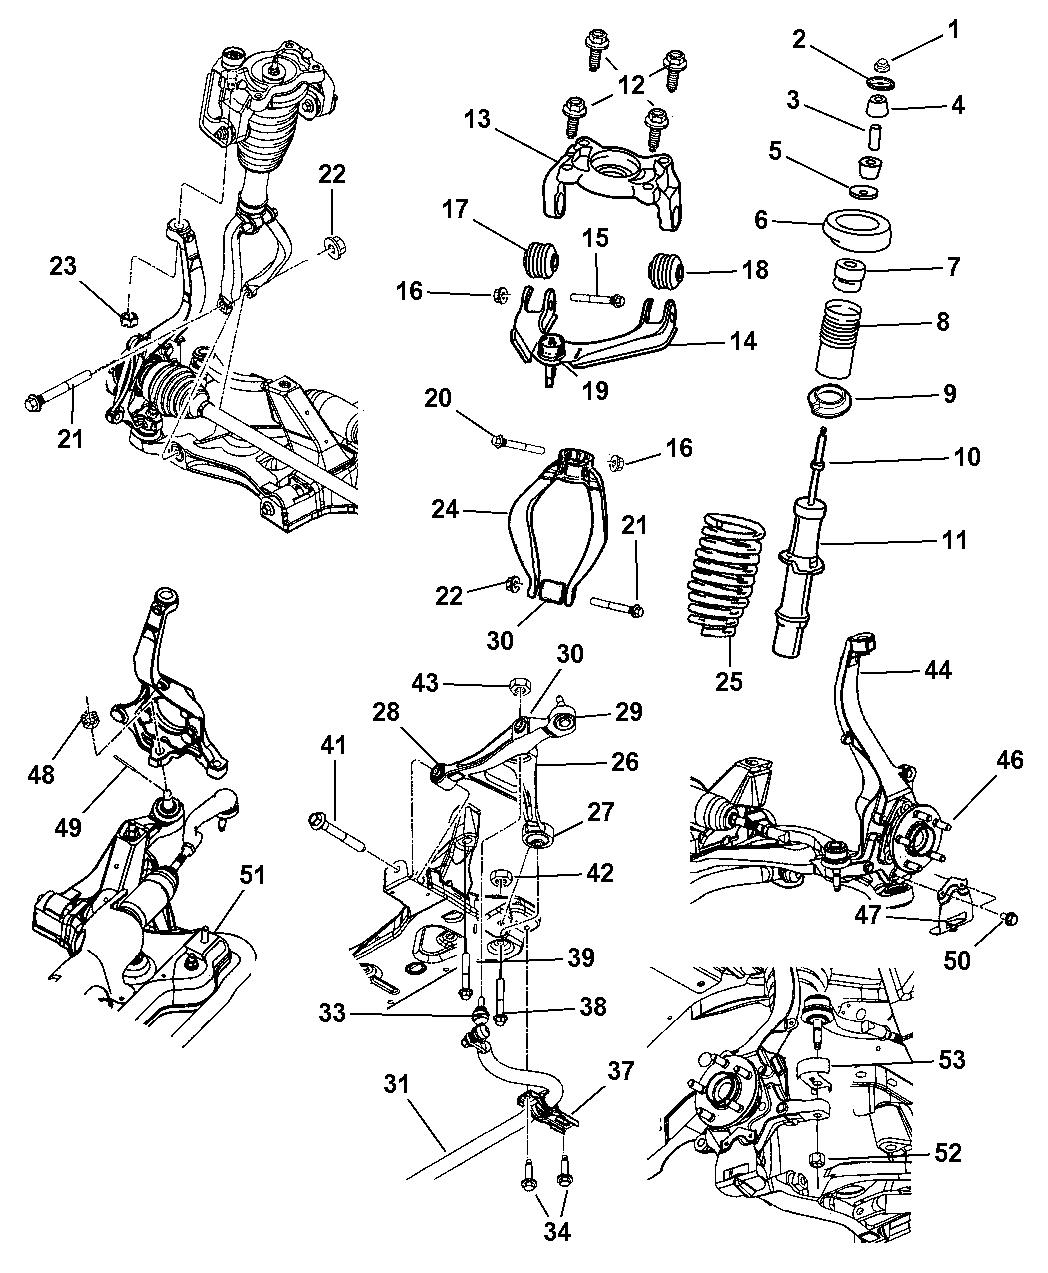 2002 Dodge Stratus Front Suspension Diagram Best Wiring Diagrams Teach Engine Teach Engine Ekoegur Es